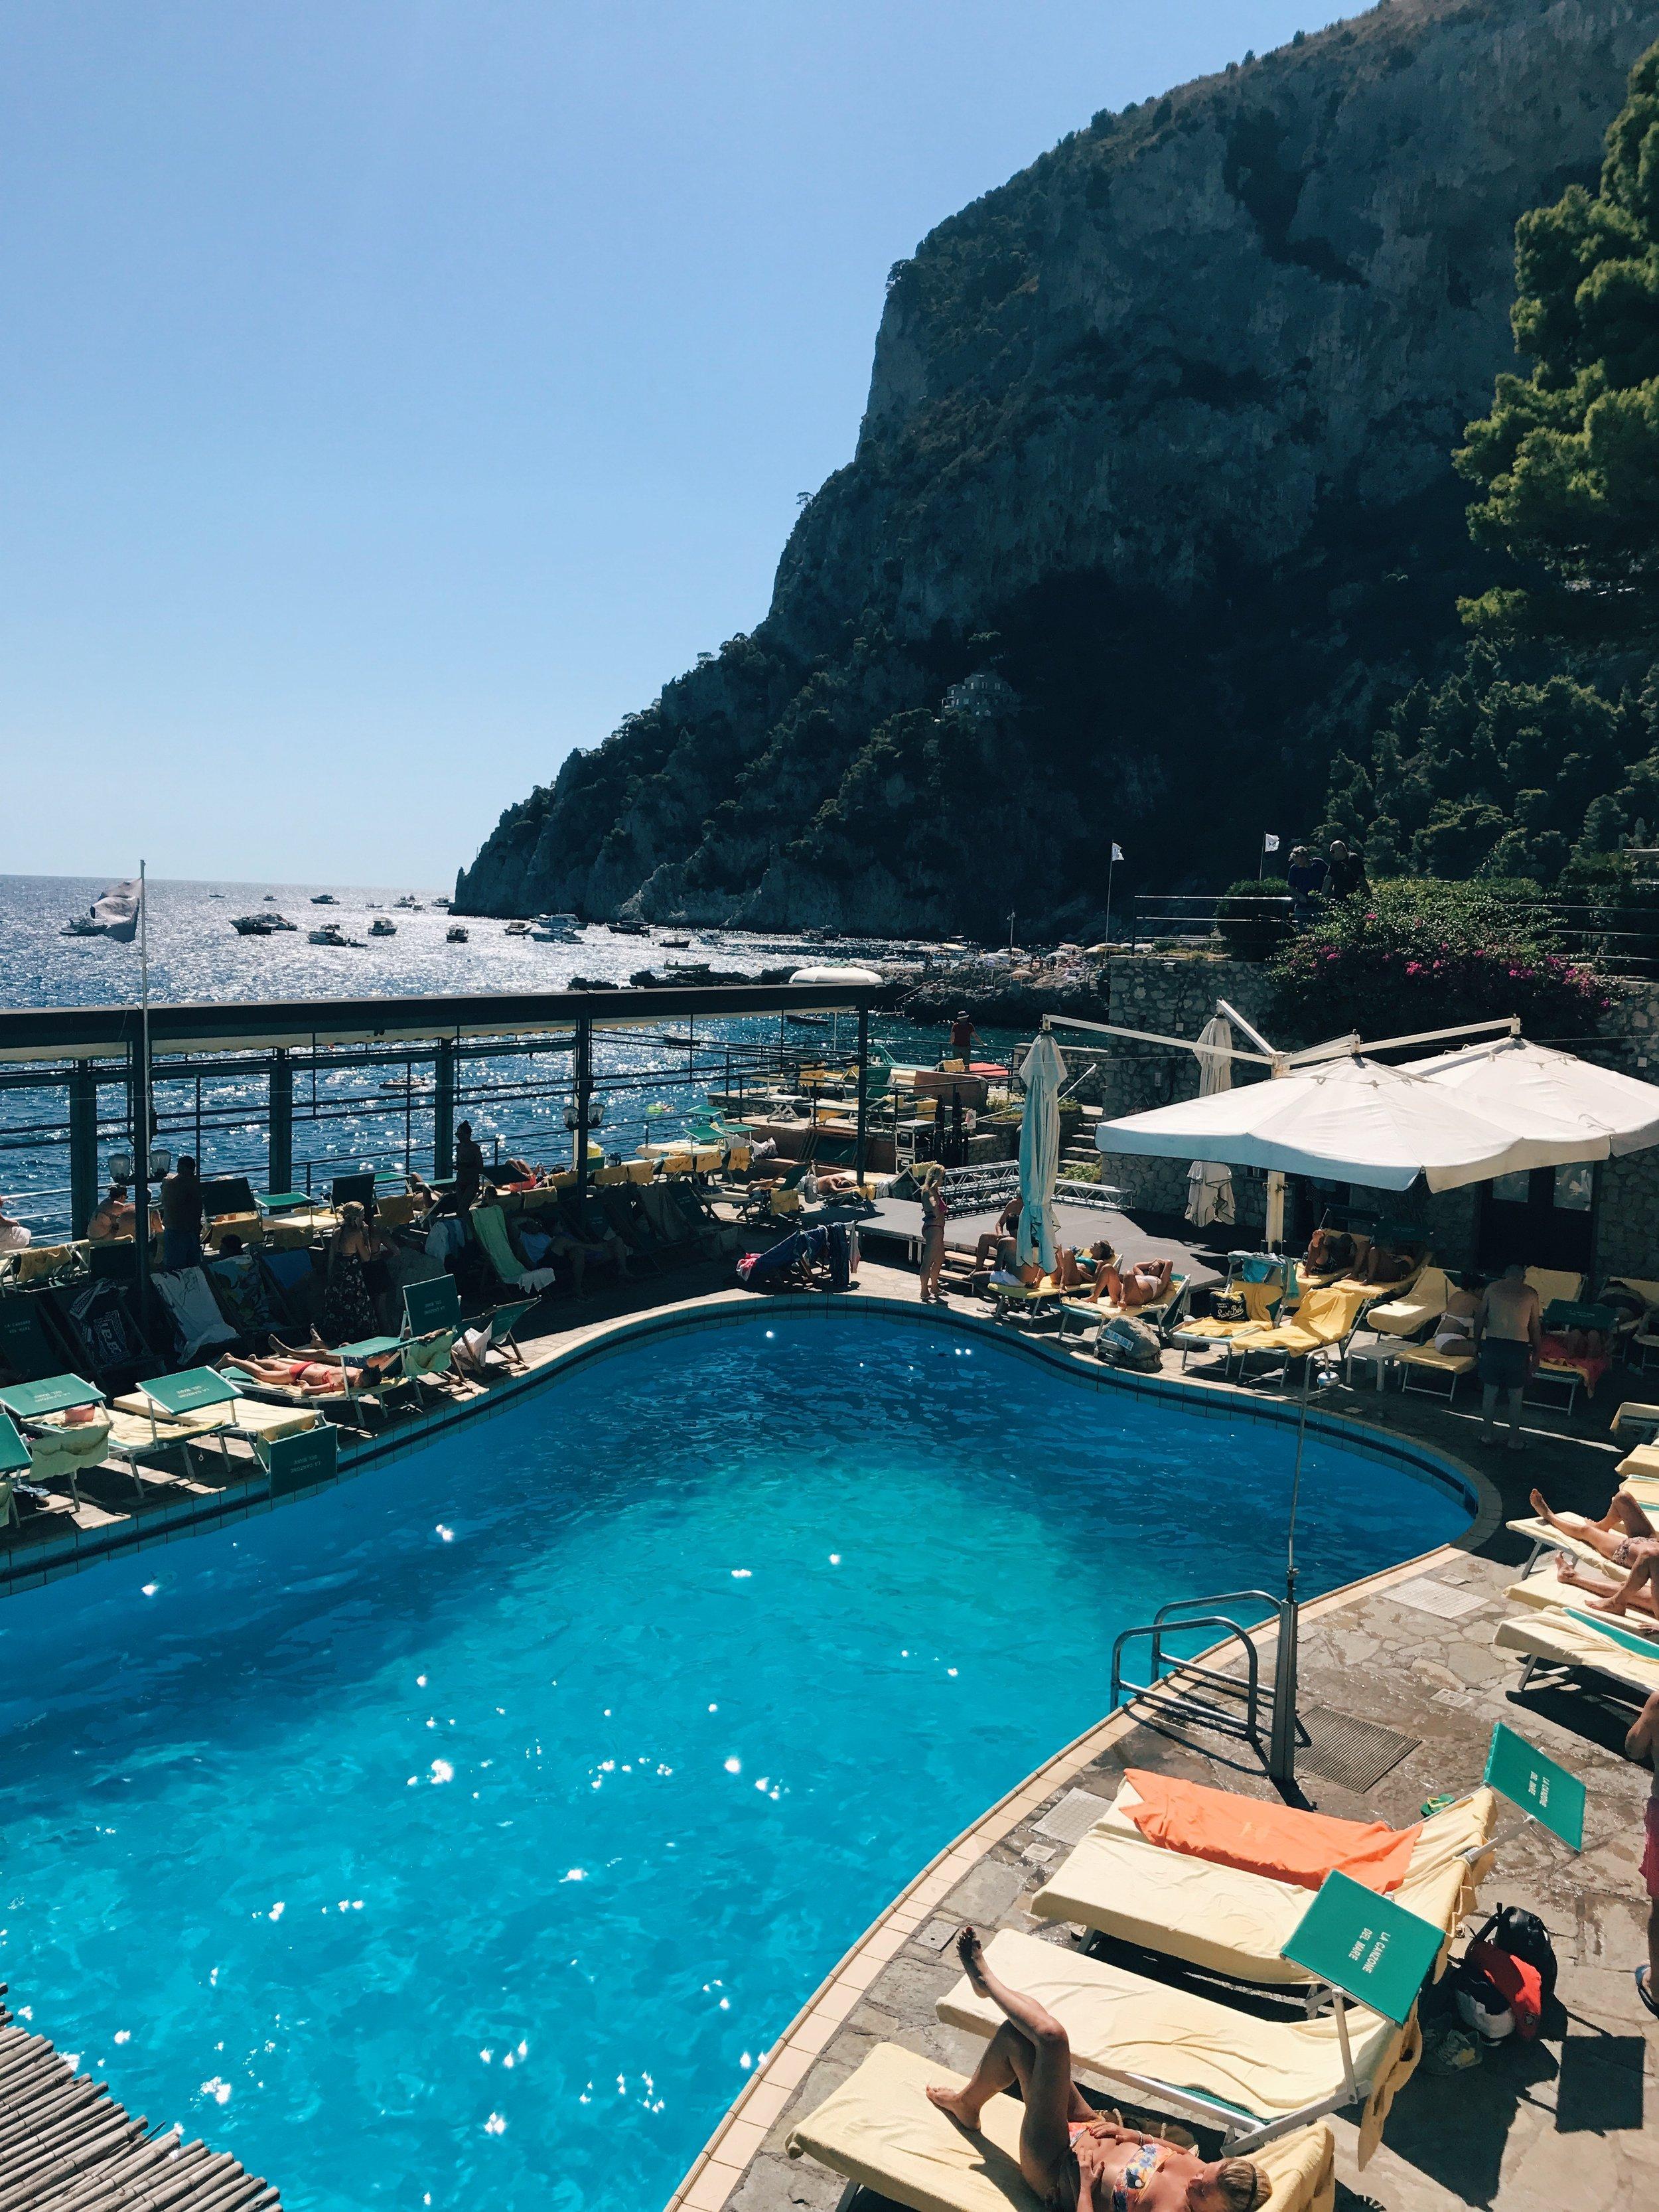 Pool at  La Cazone del Mare .